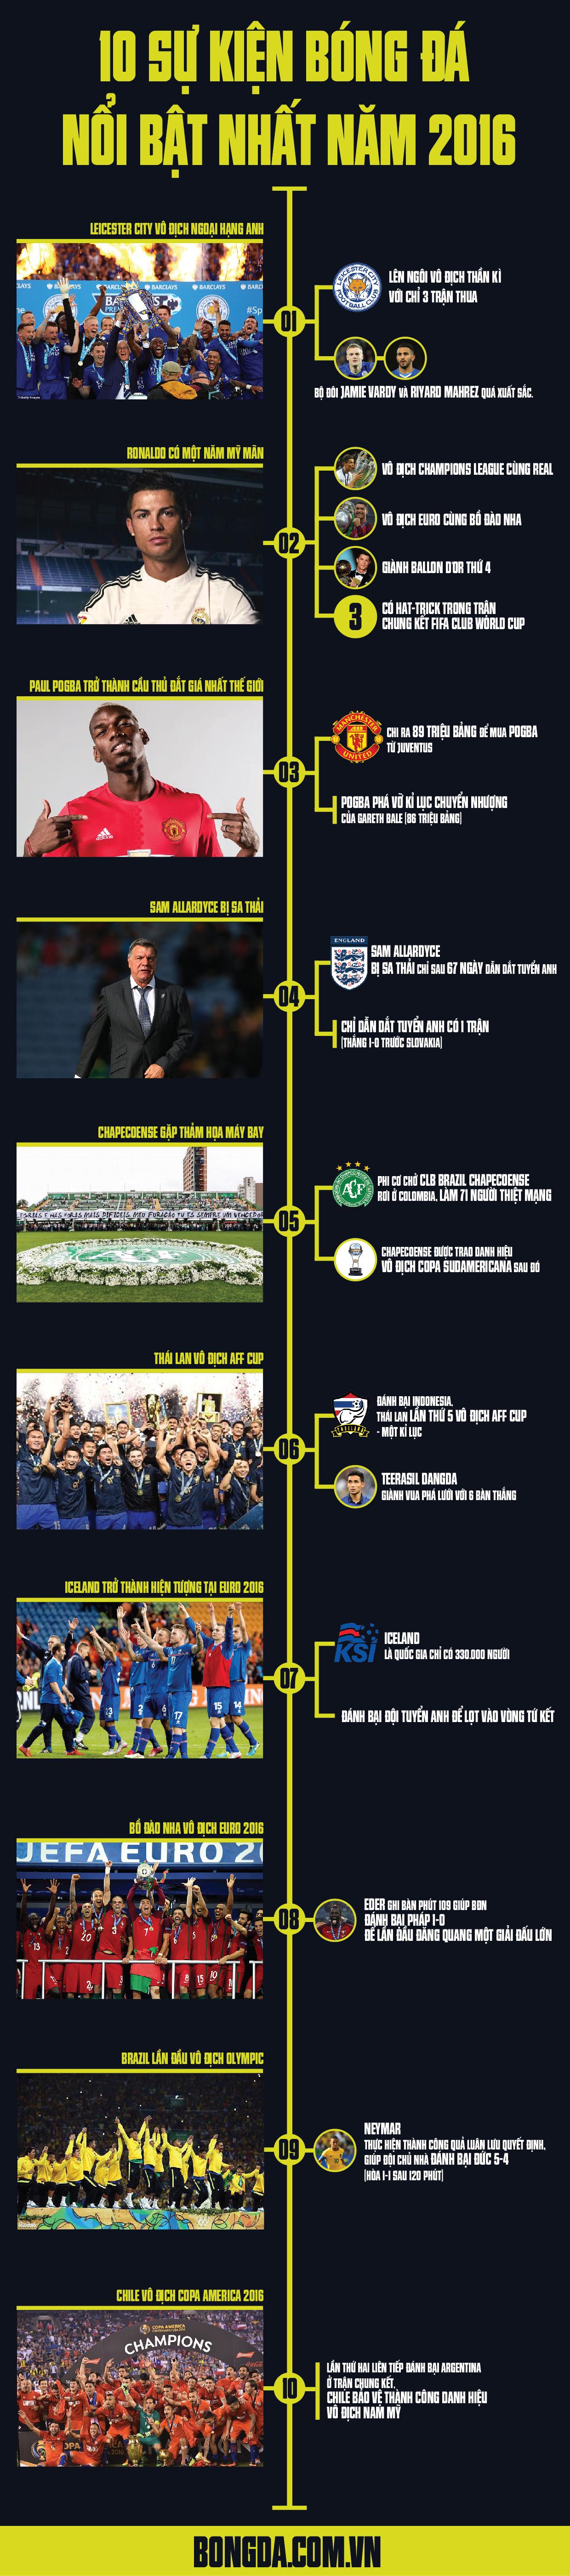 infographic 7-01 (1)